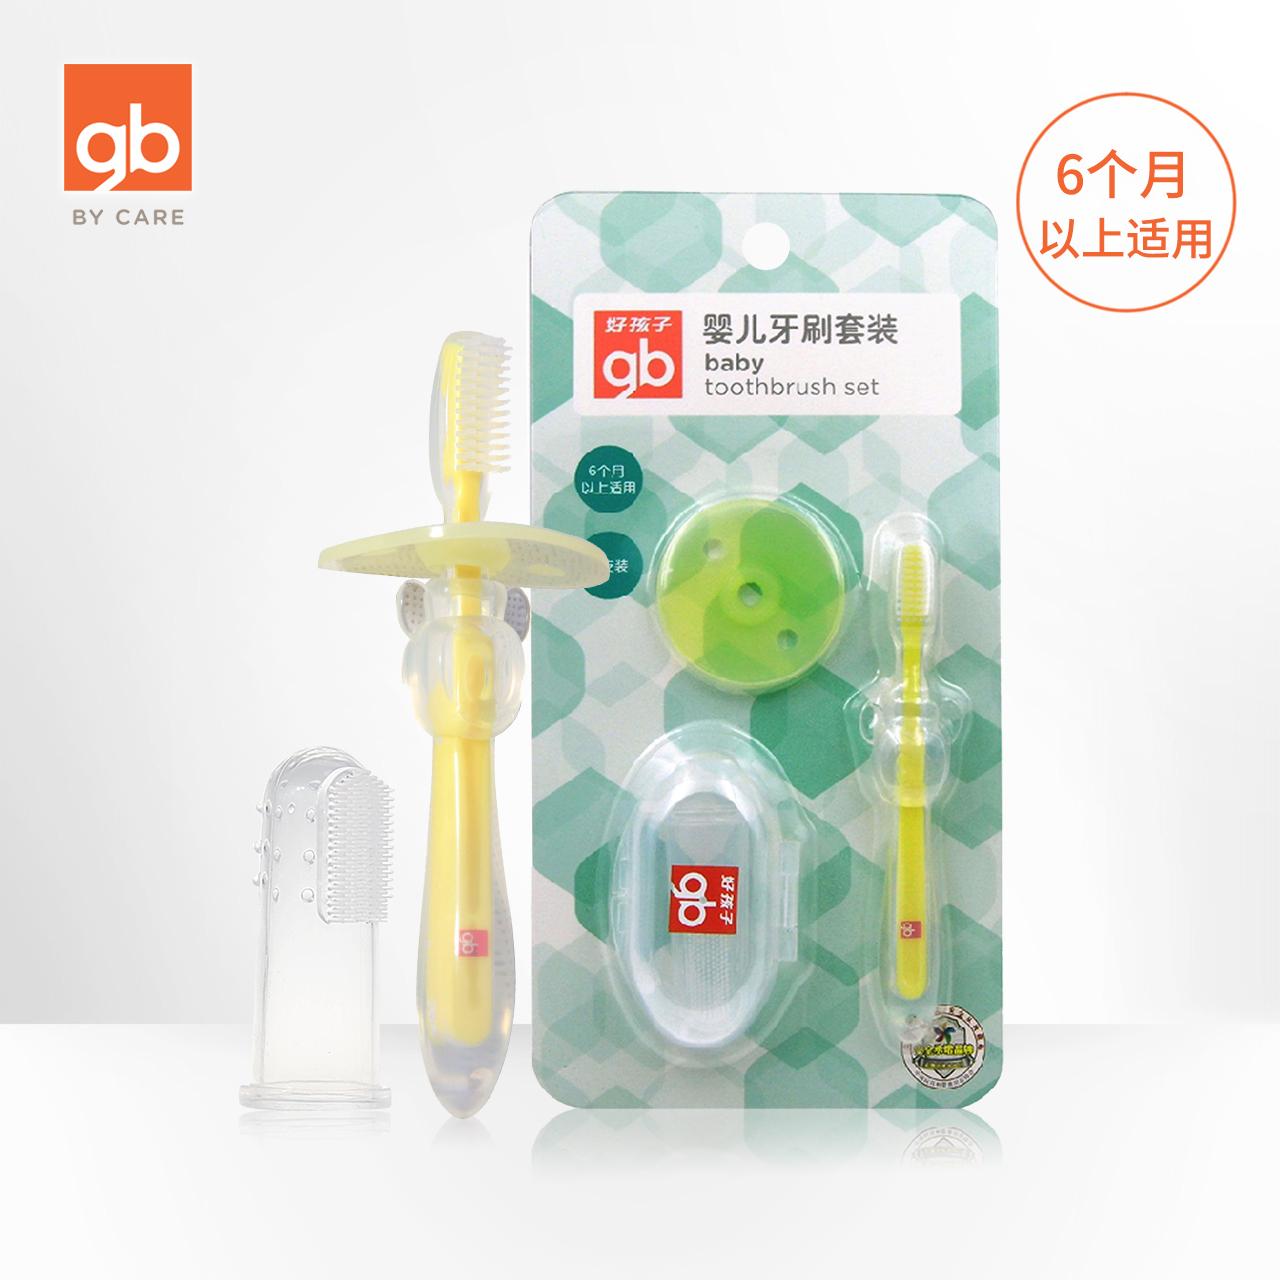 Gb хорошо дети ребенок зубная щетка установите ребенок силикагель мягкий малый волос из первых рук палец зубная щетка 6 ребёнок возрастом … месяцев применимый